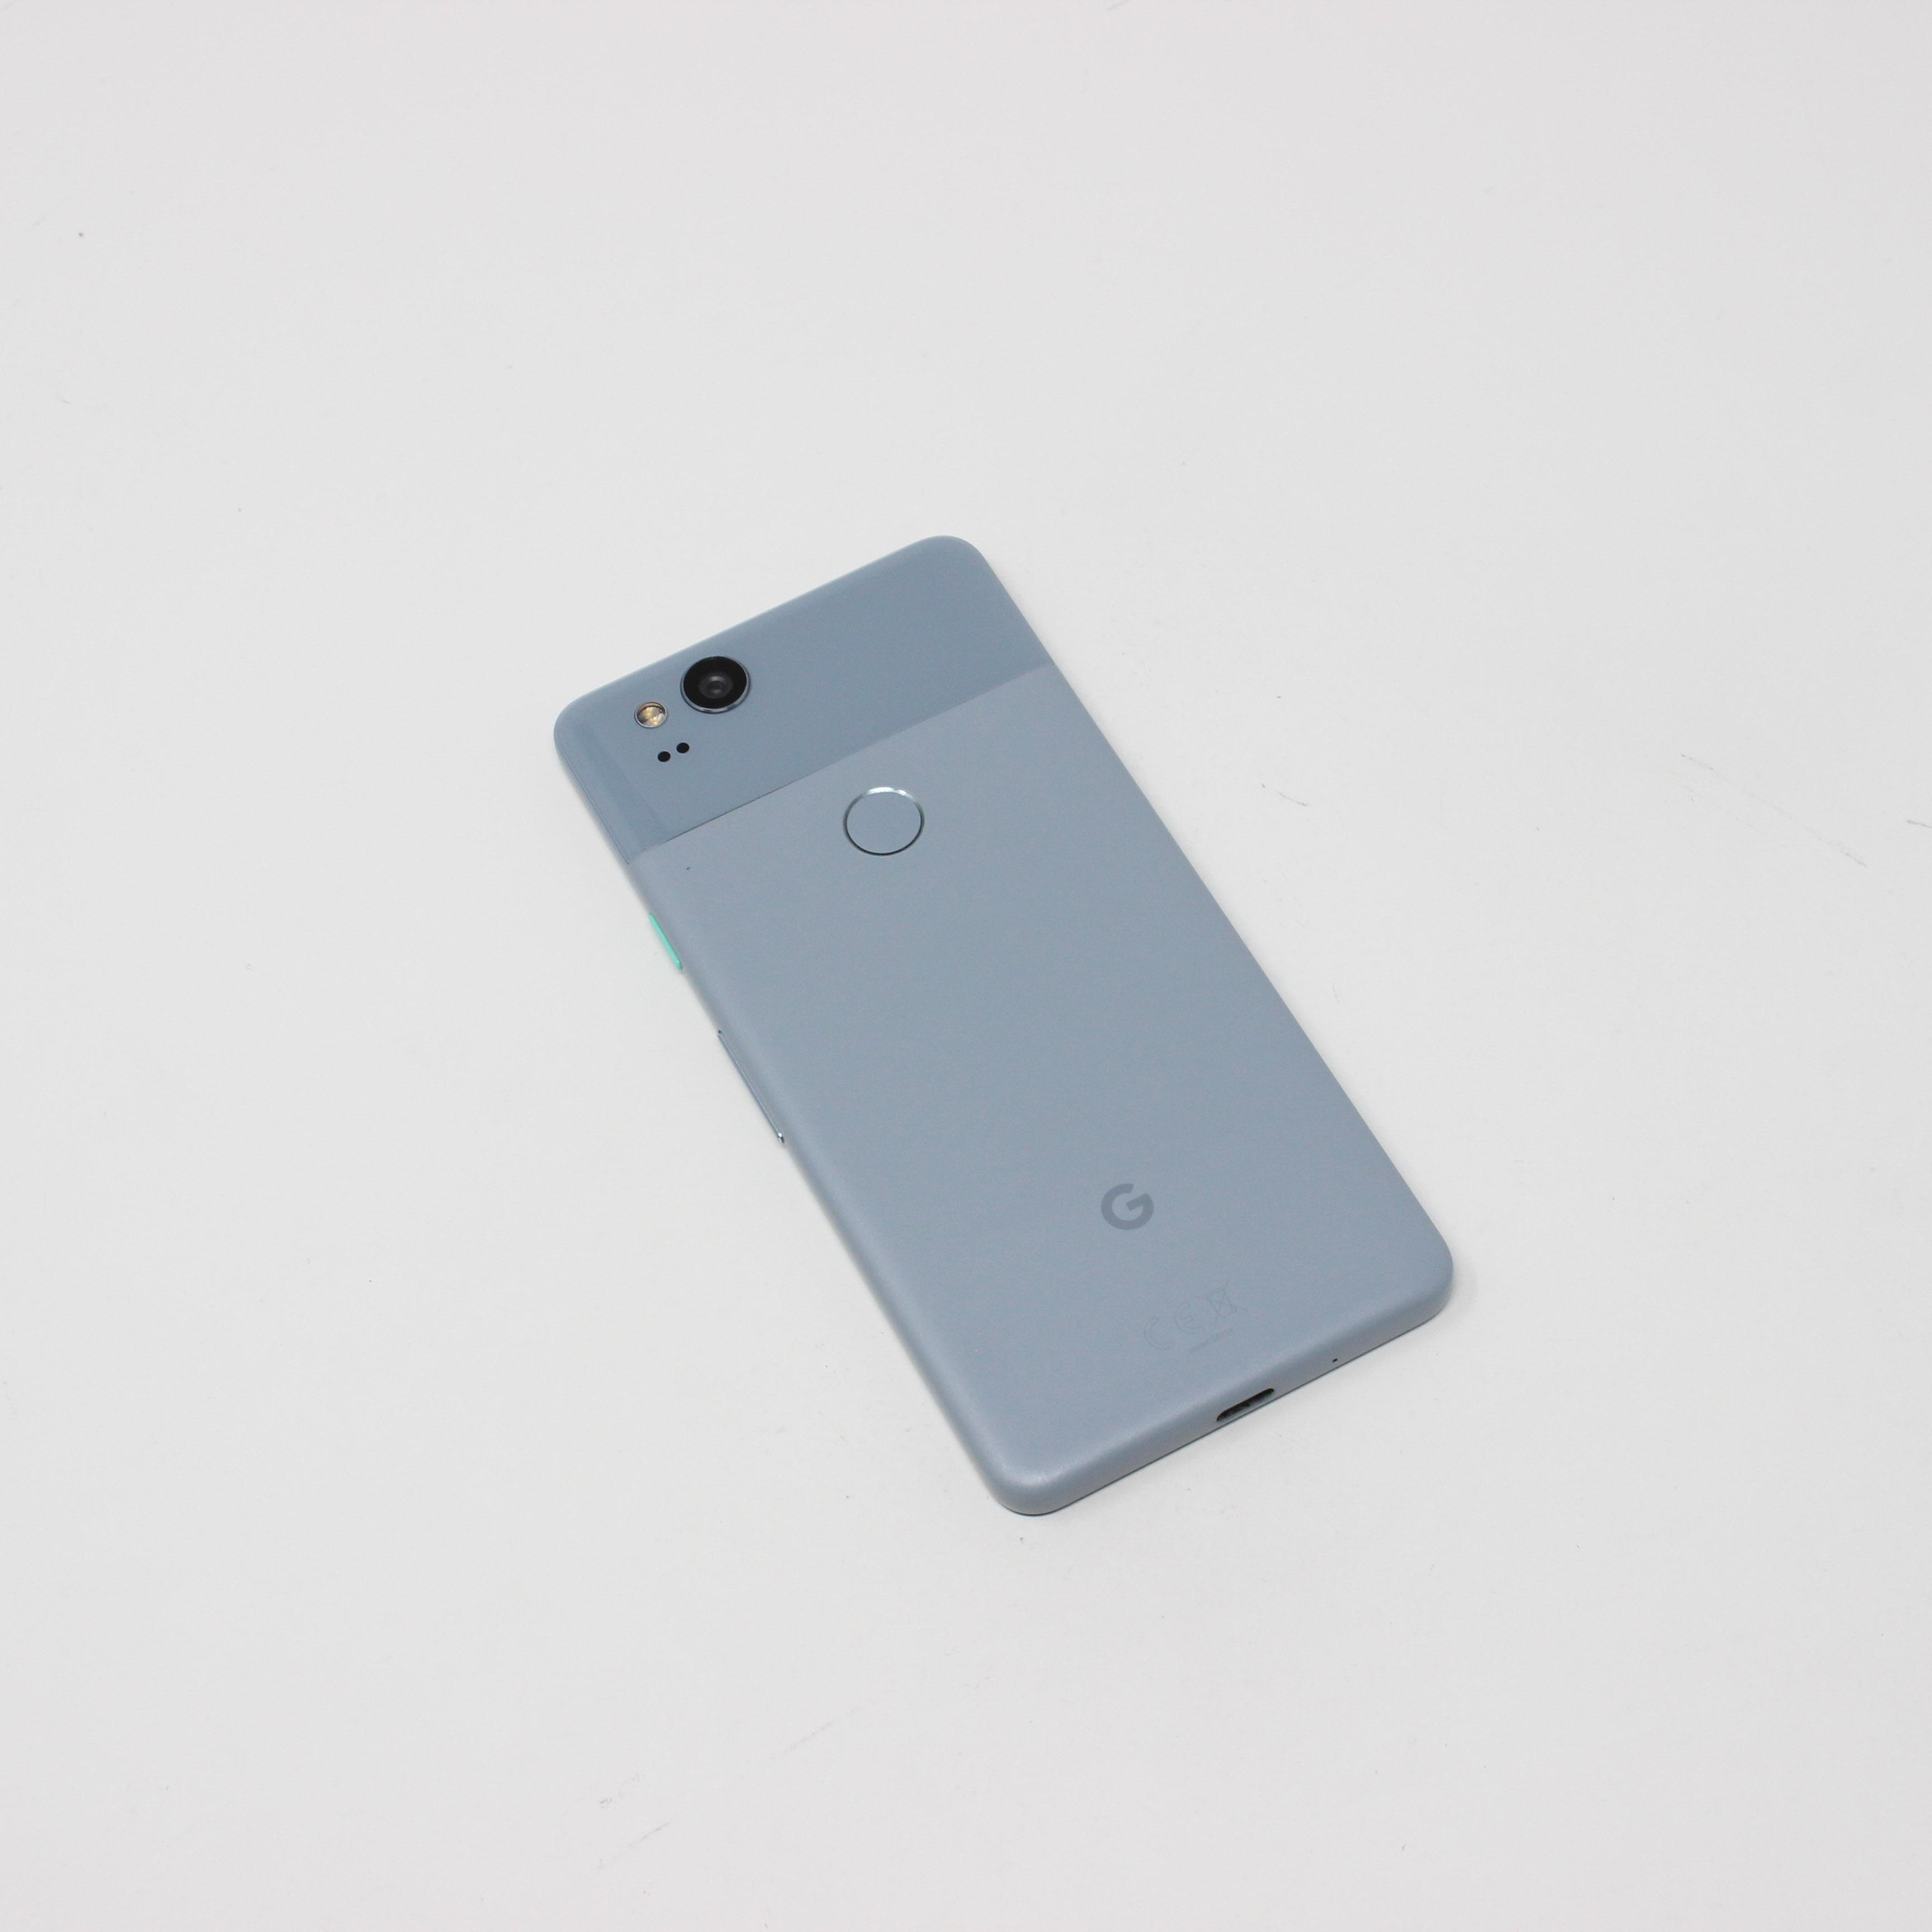 Google Pixel 2 64GB Kinda Blue - Verizon photo 3   UpTradeit.com